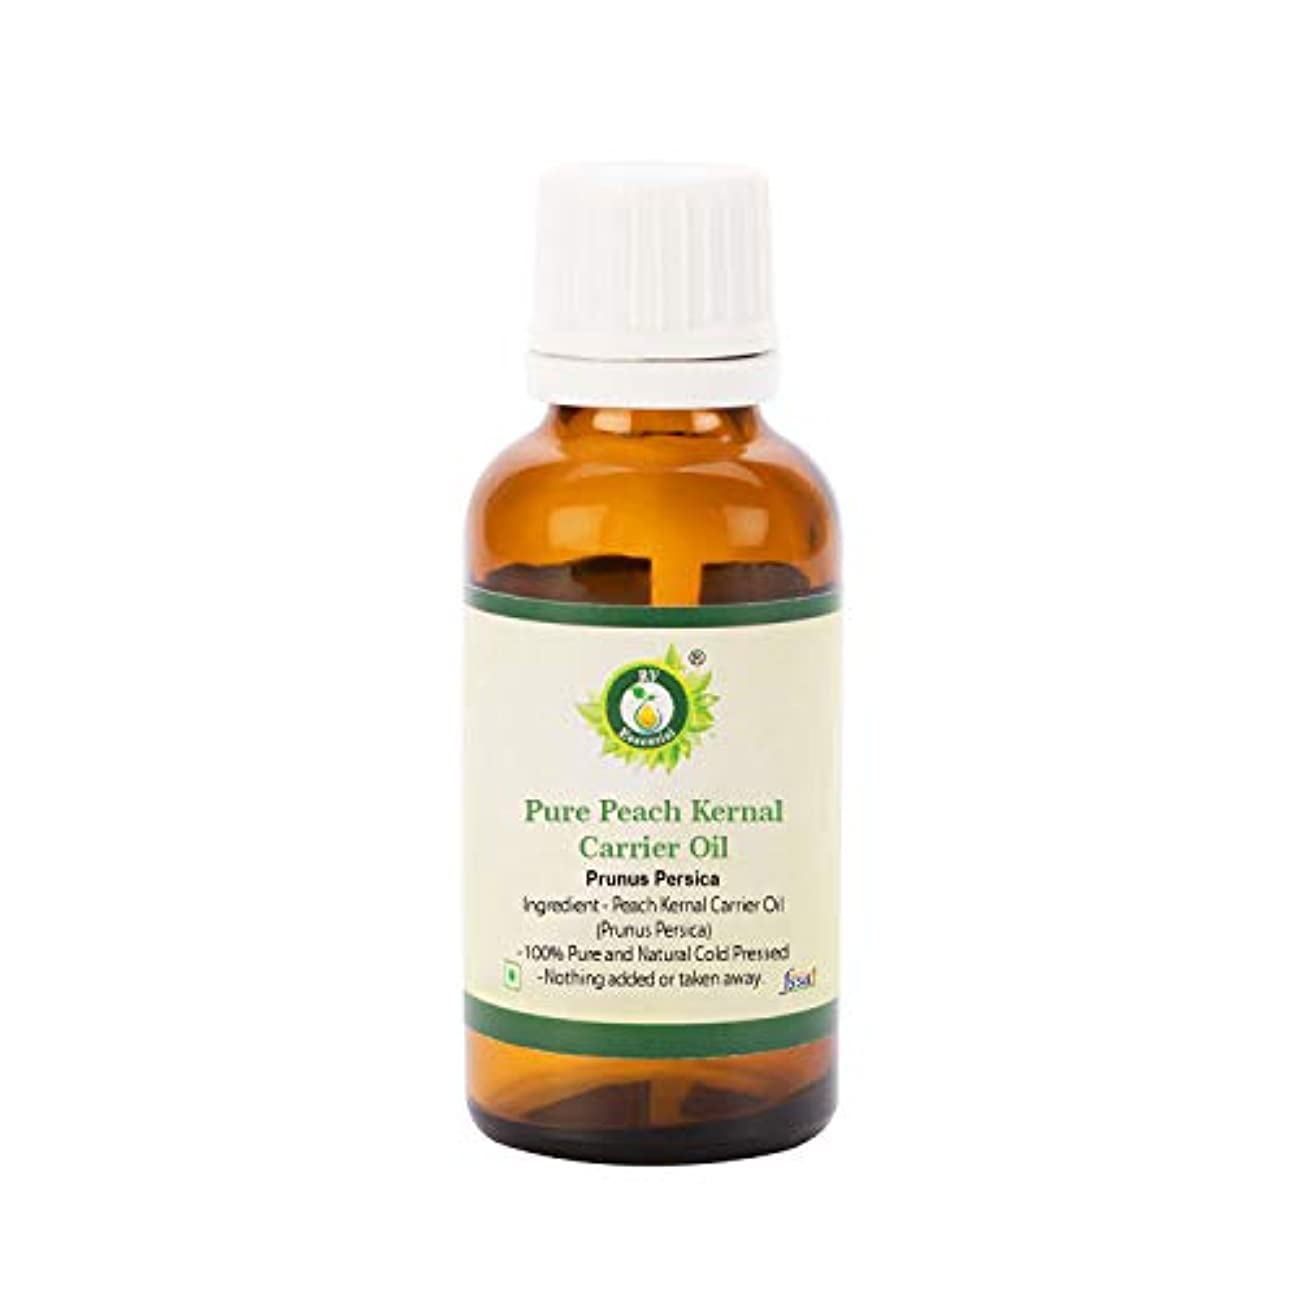 原点センチメートル木R V Essential ピュアピーチ Kernalキャリアオイル15ml (0.507oz)- Prunus Persica (100%ピュア&ナチュラルコールドPressed) Pure Peach Kernal...